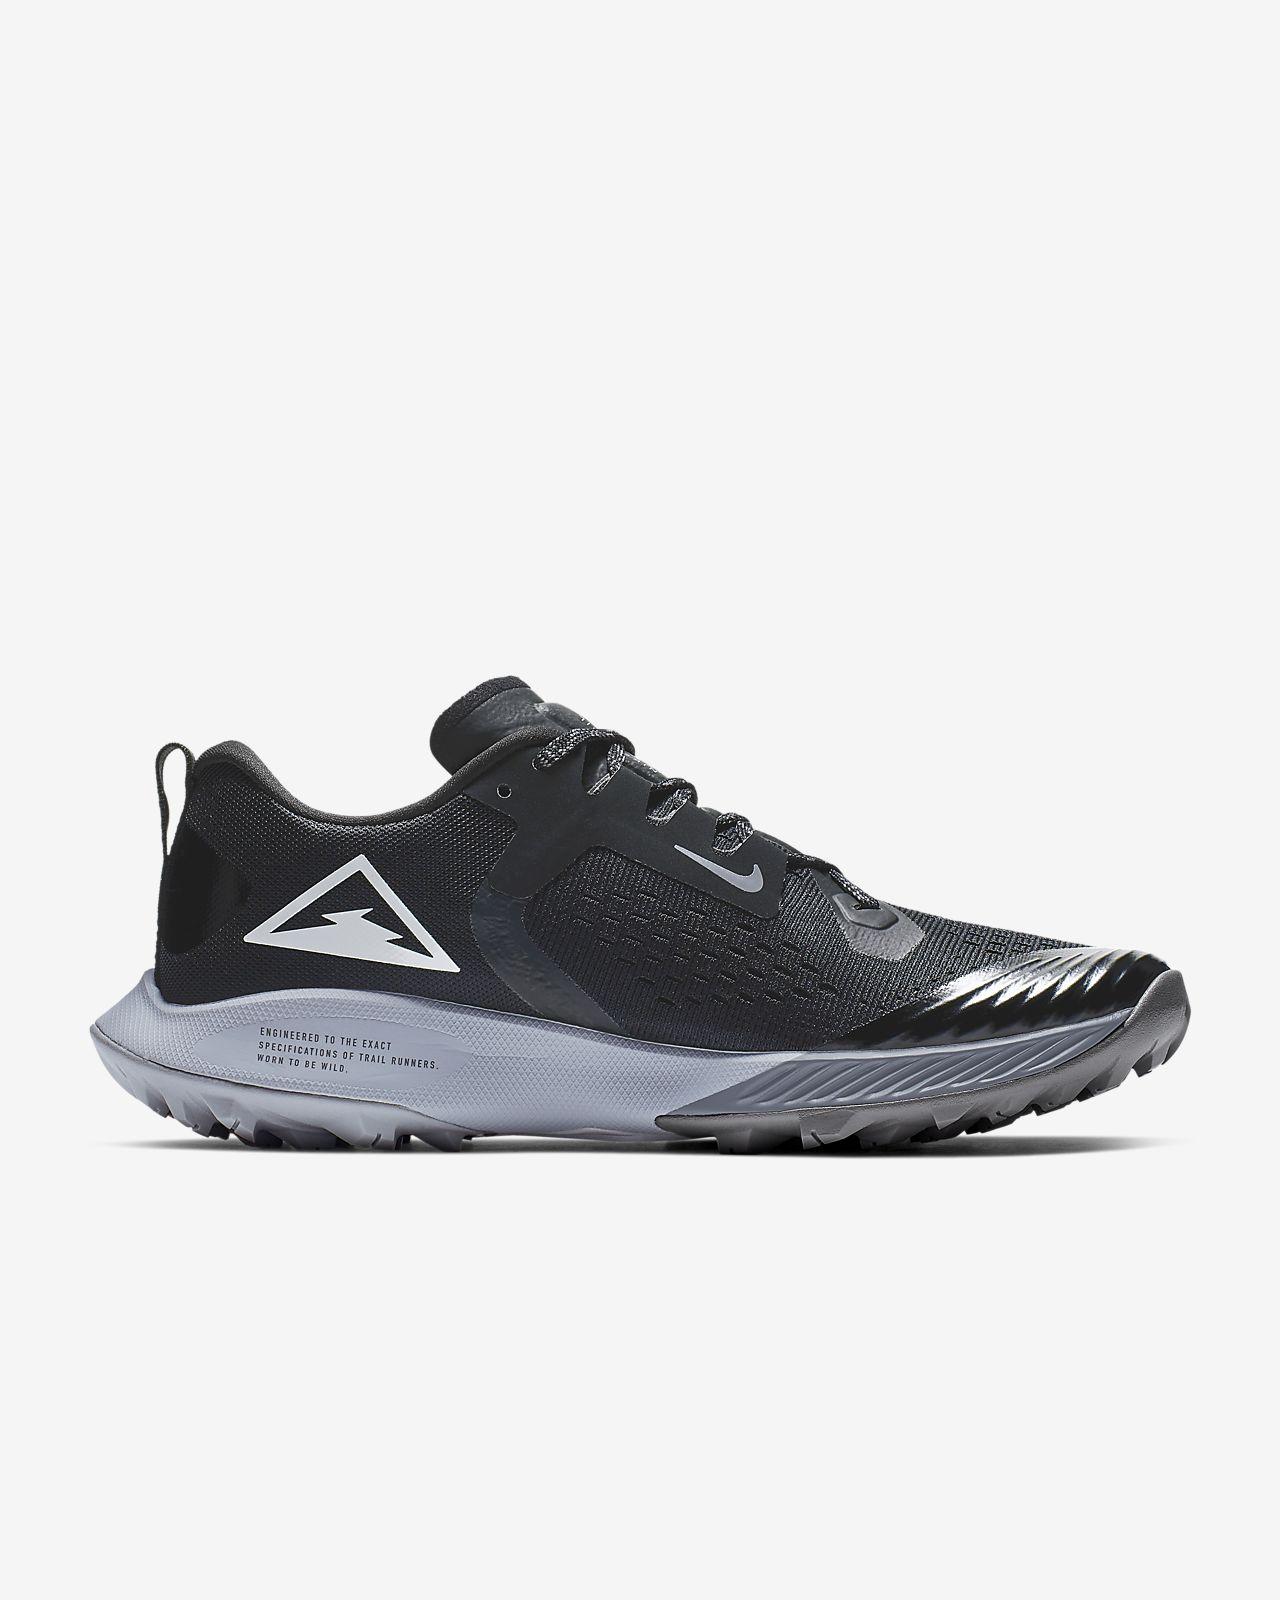 low priced 0017e 9c414 ... Löparsko Nike Air Zoom Terra Kiger 5 för kvinnor